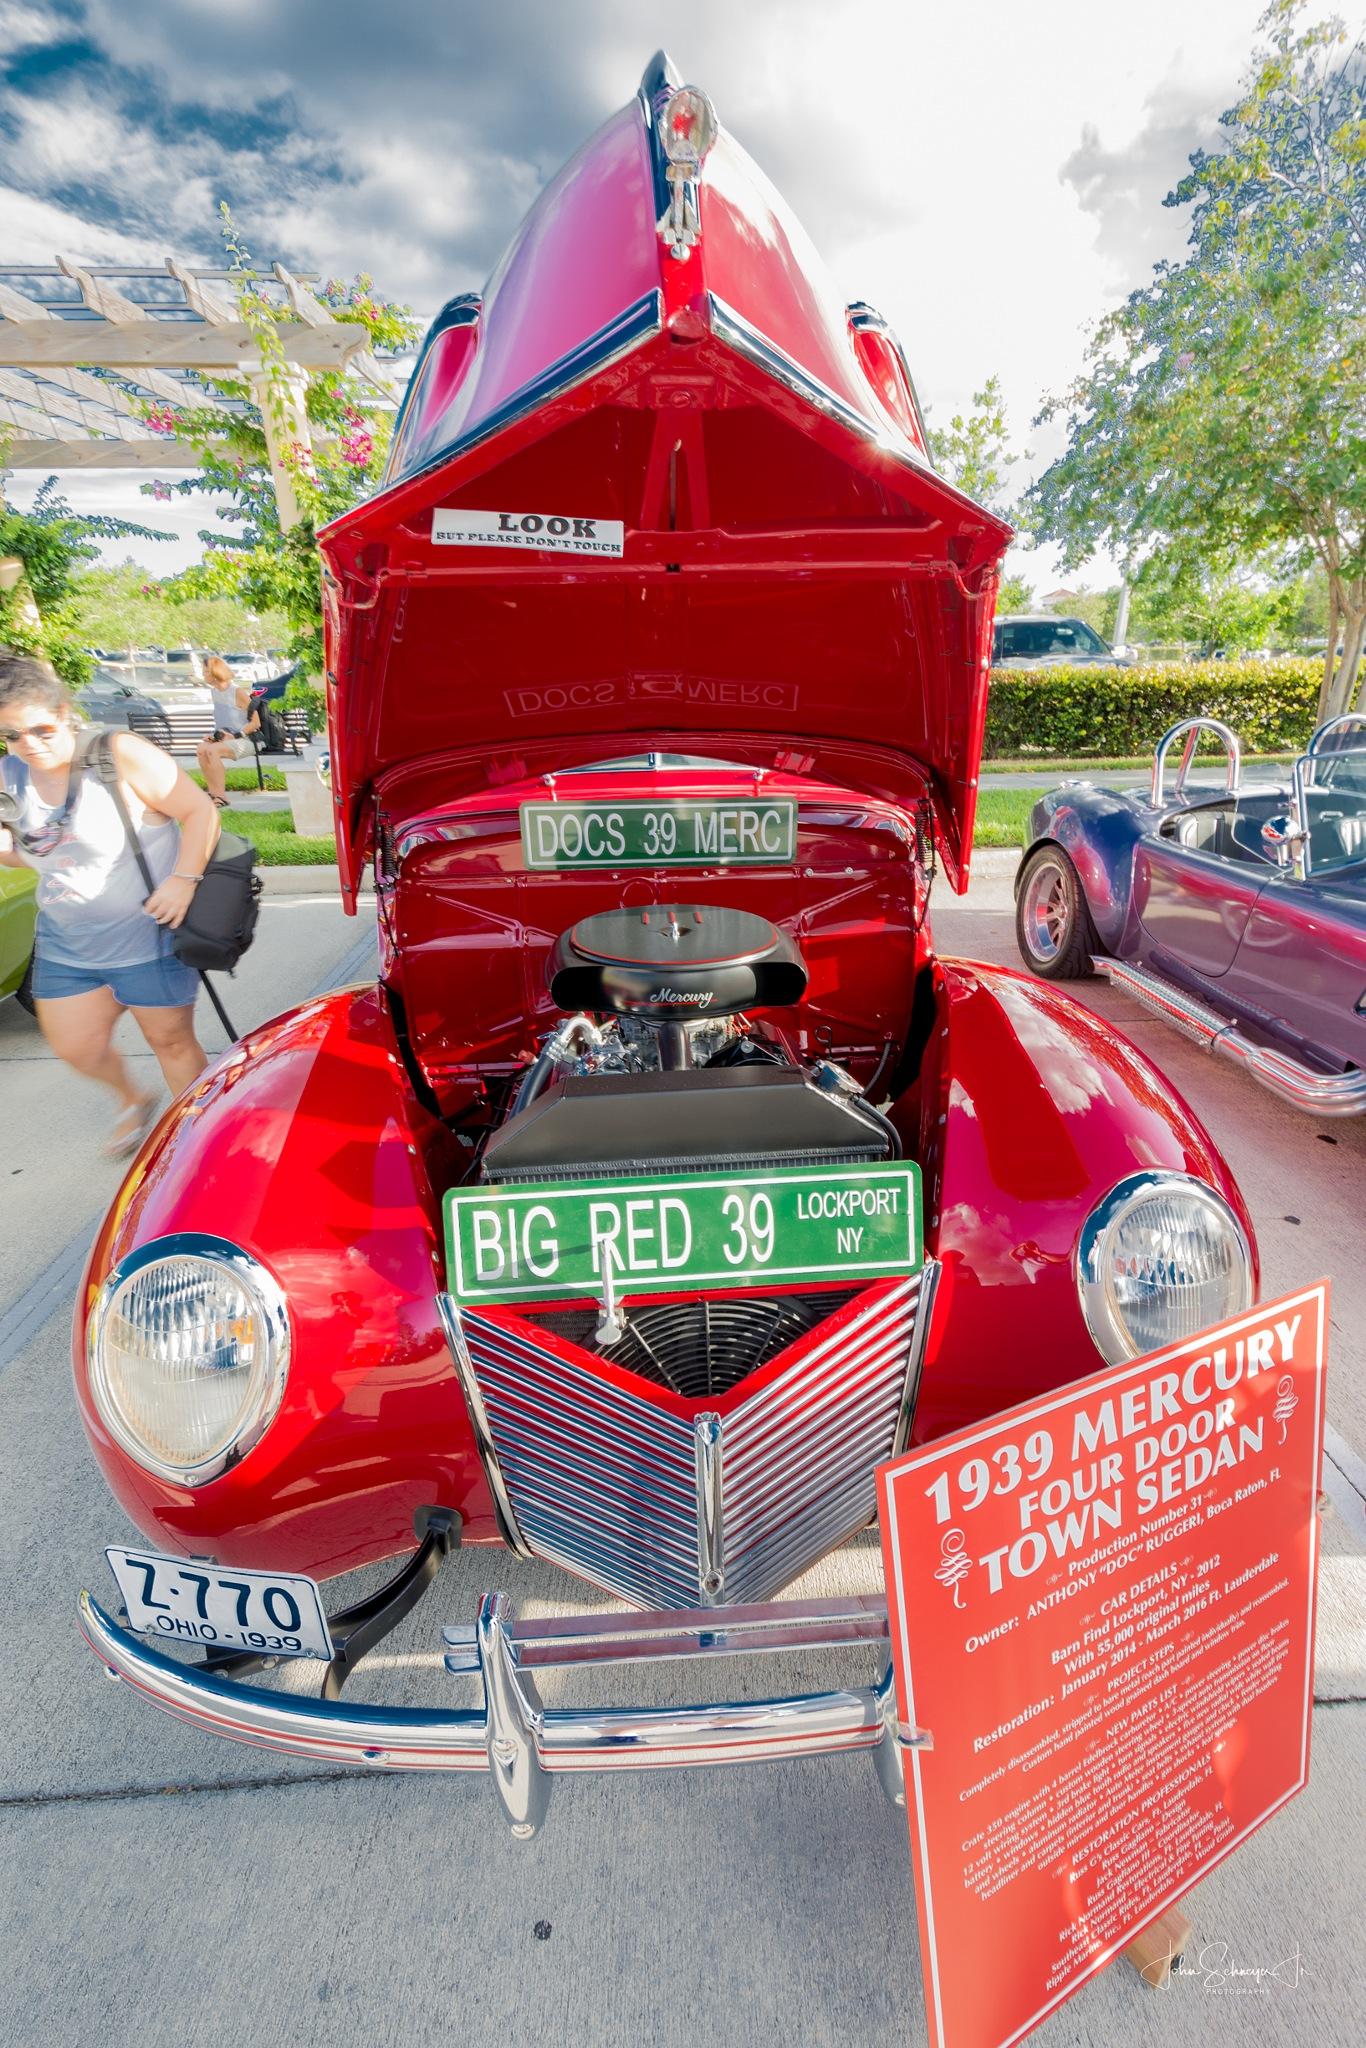 Big Red 39 by John Schneyer